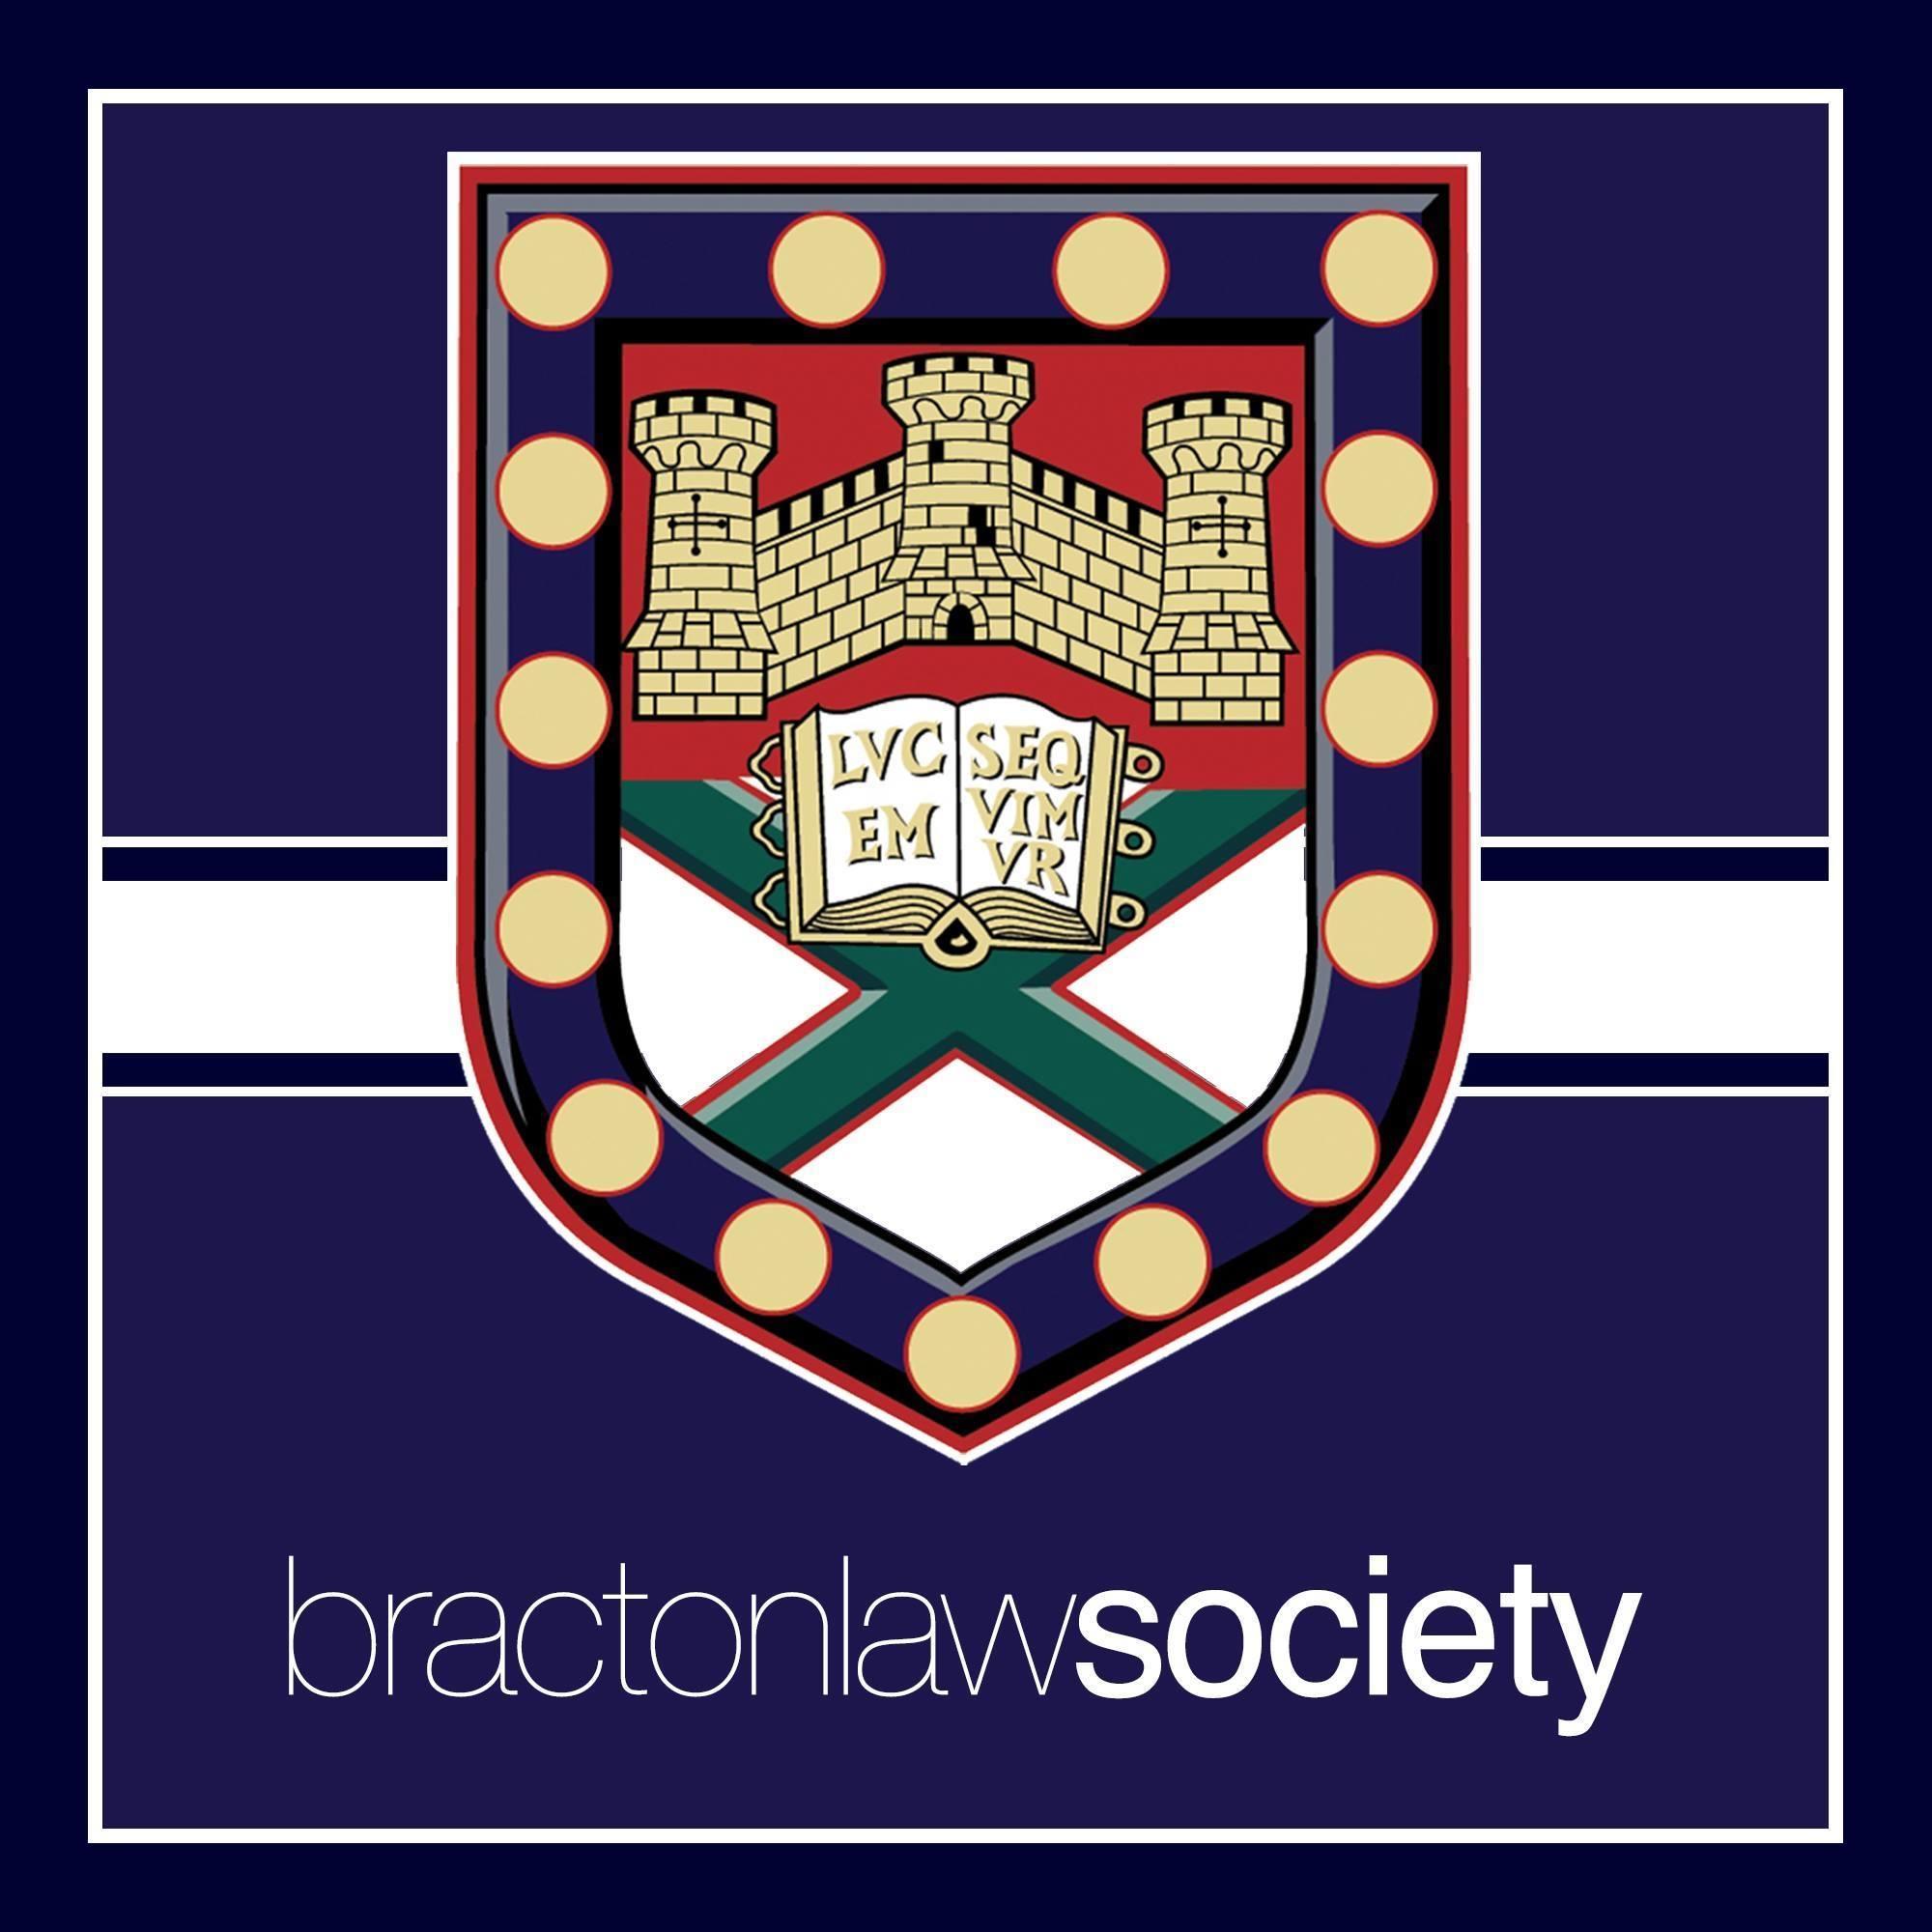 University of Exeter Bracton Law Society